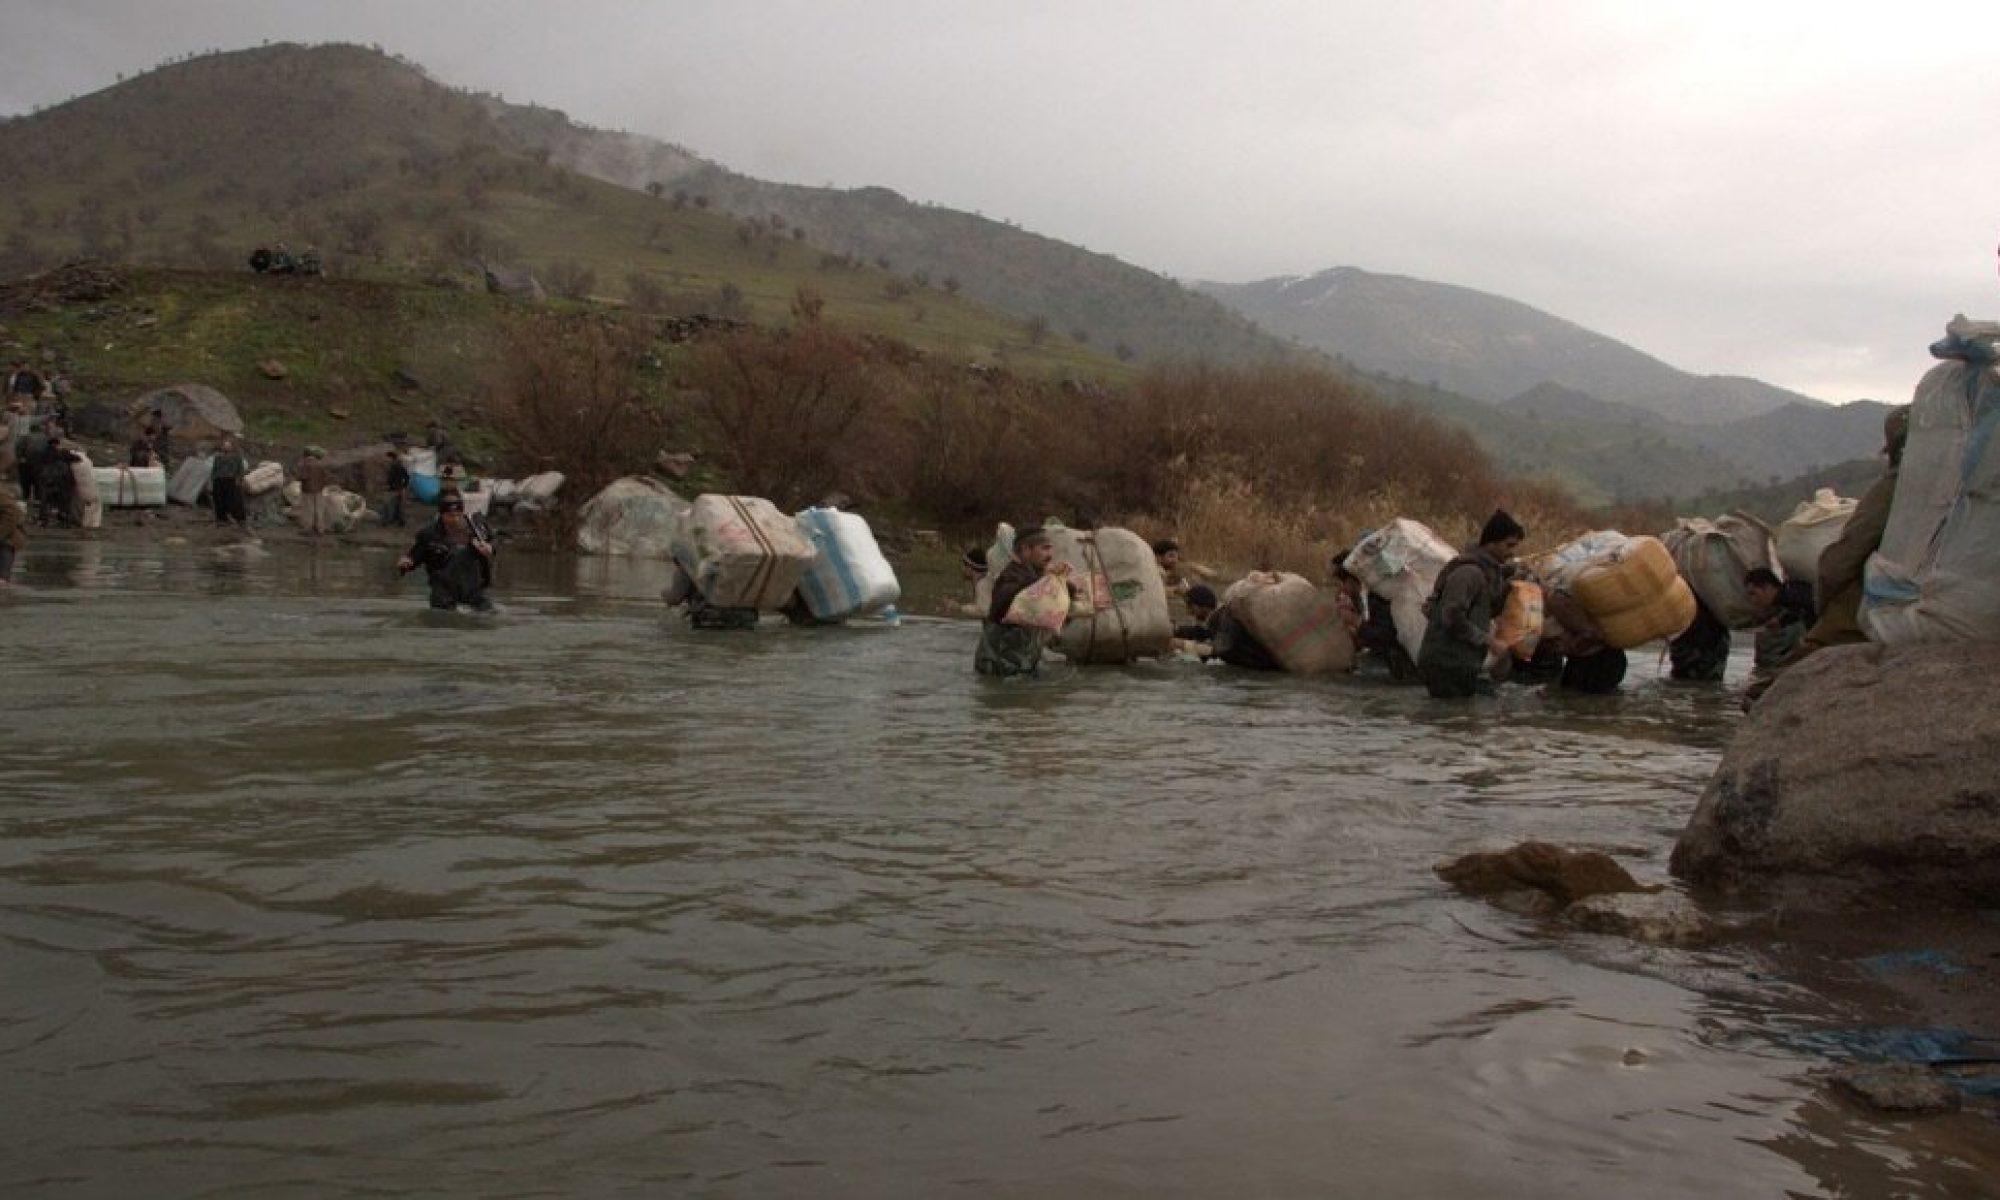 Doğu Kürdistan - Gadare nehrine düşen bir kolber boğuldu